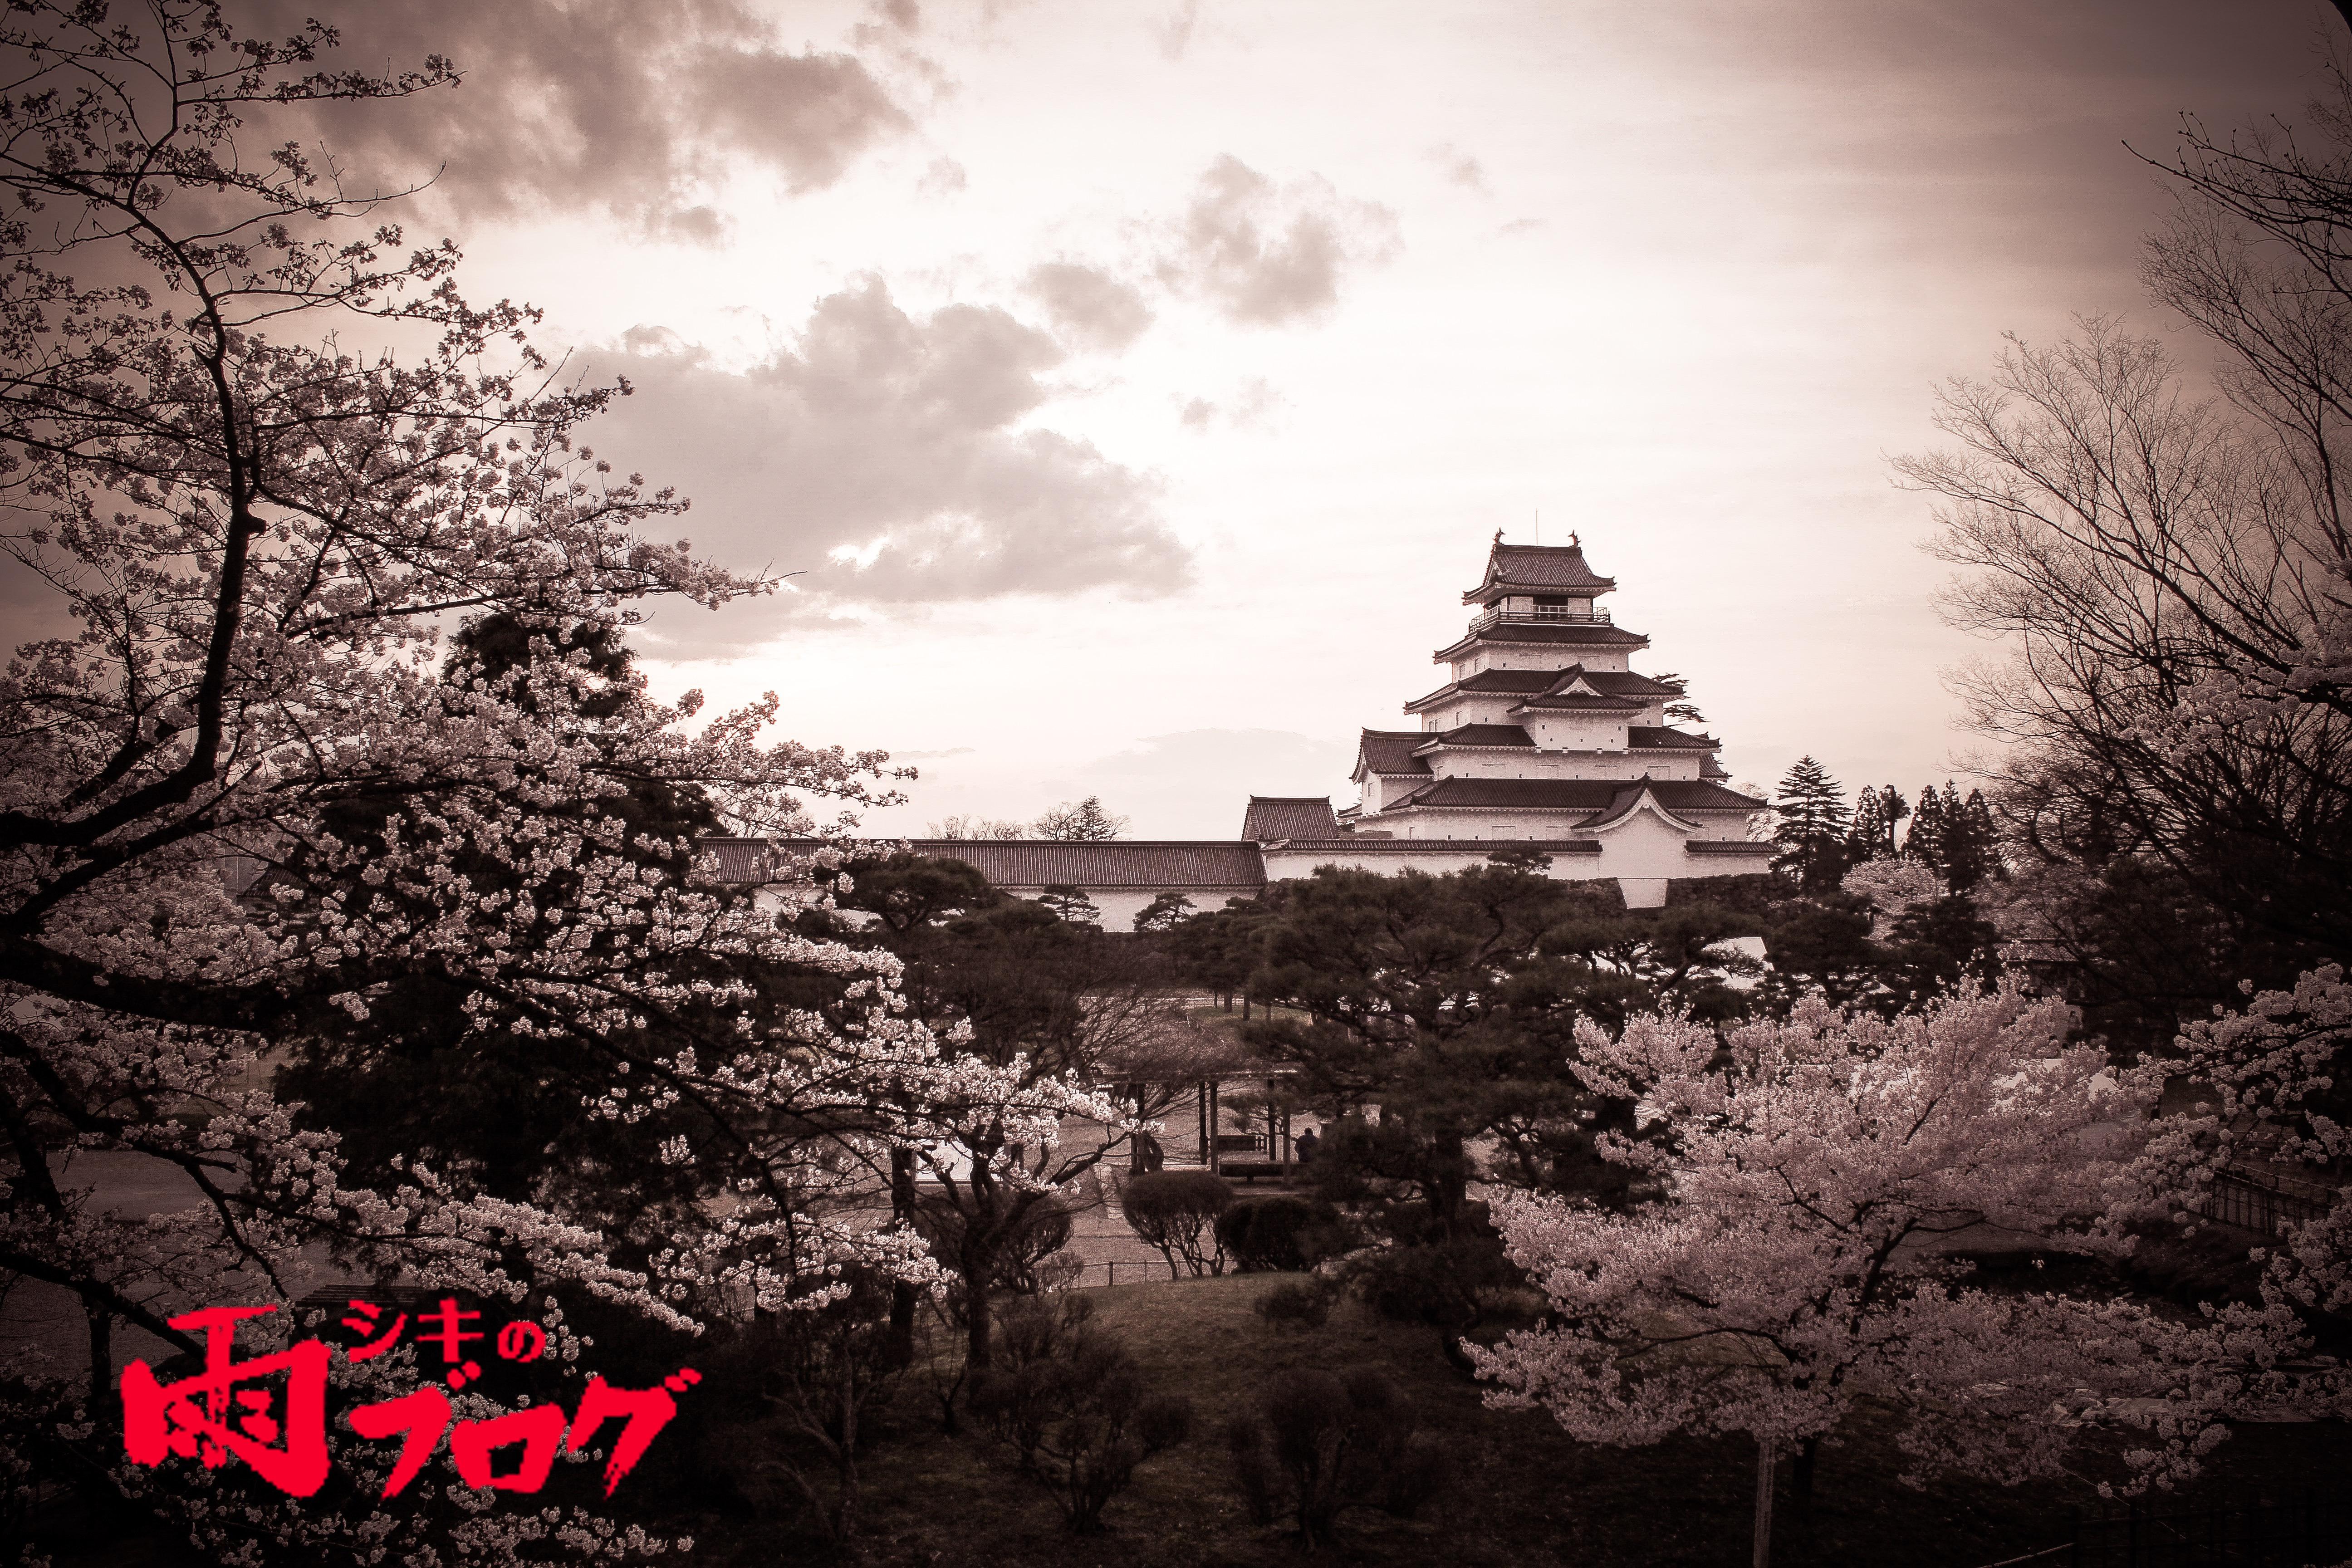 会津に行ったら桜が見頃になっていた話。